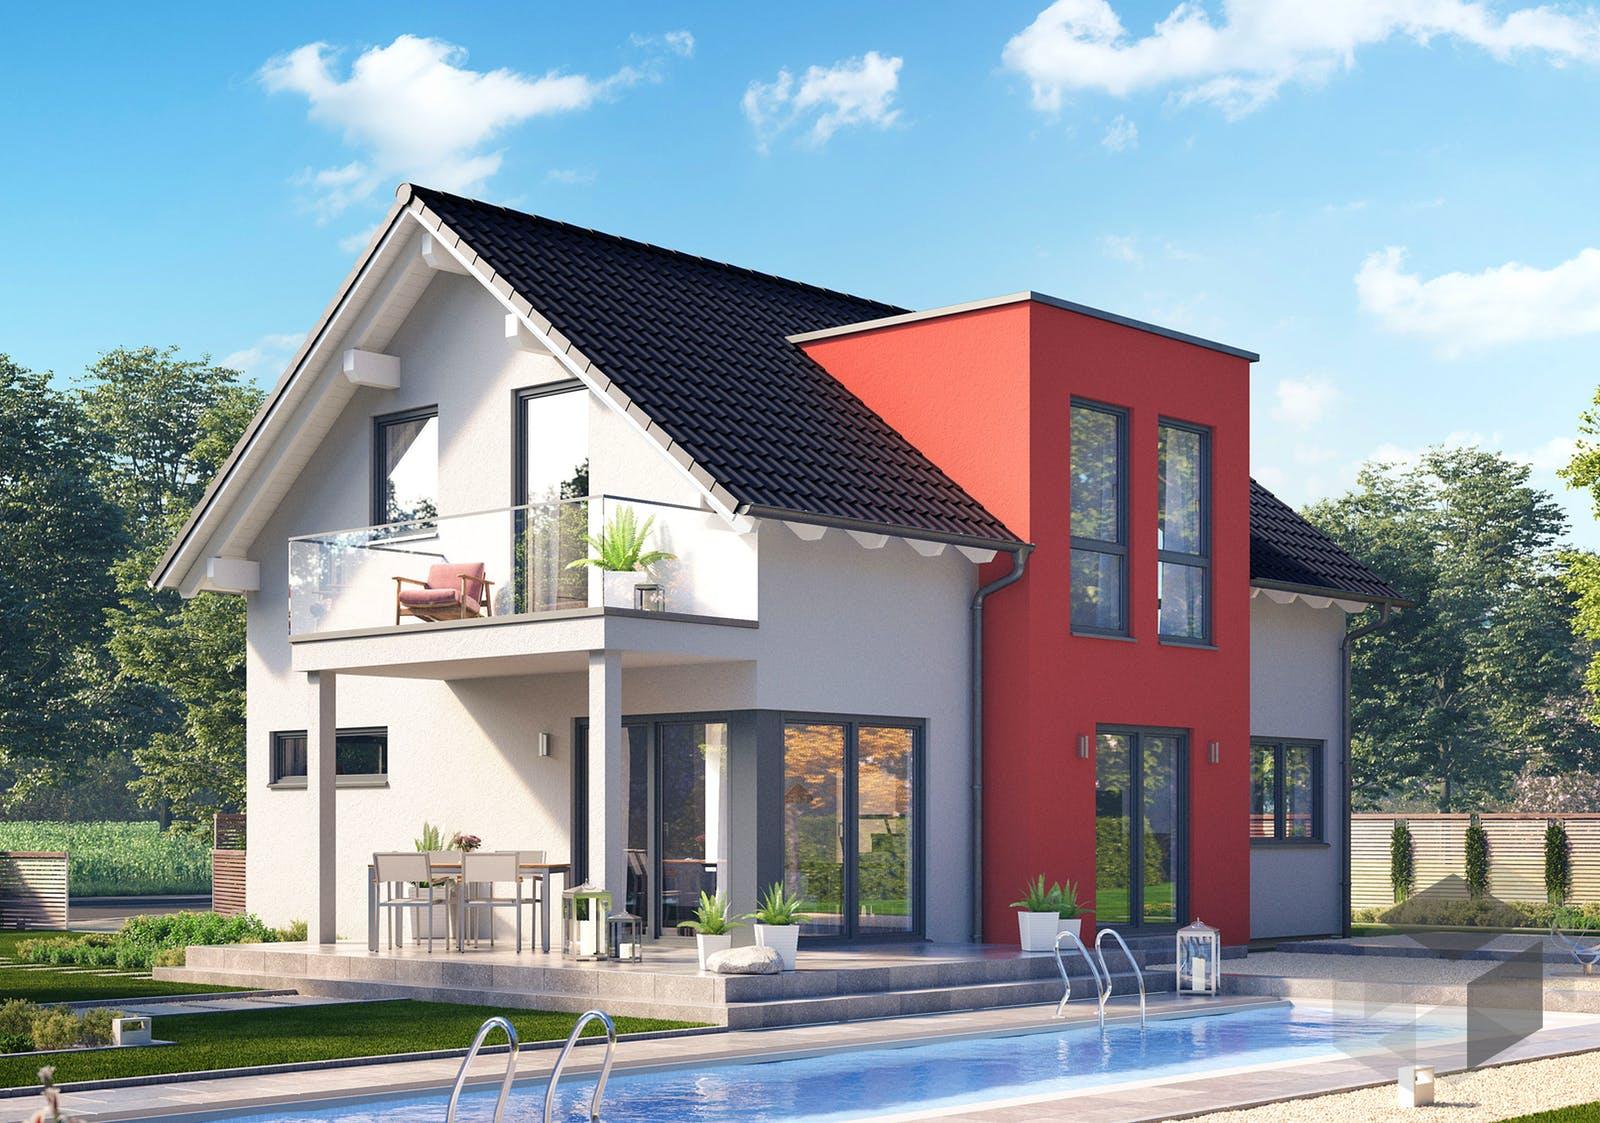 solitaire e 125 entwurf 2 inactive von schwabenhaus komplette daten bersicht. Black Bedroom Furniture Sets. Home Design Ideas